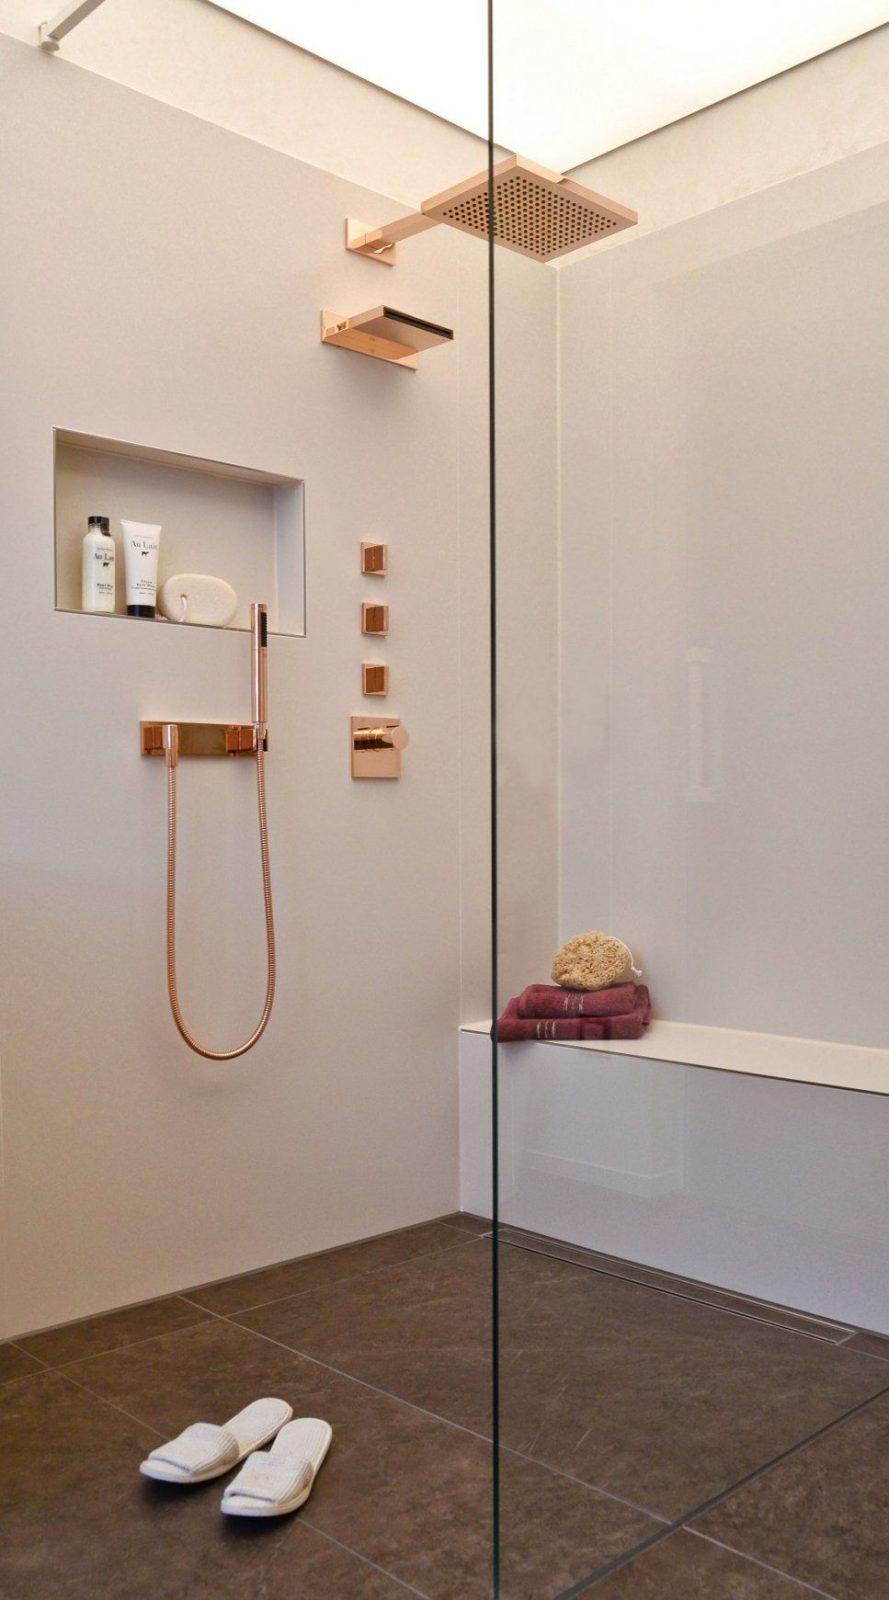 Begehbare Dusche Mit Sitzbank – Mehr Komfort Beim Duschen von Begehbare Dusche Mit Sitzbank Bild